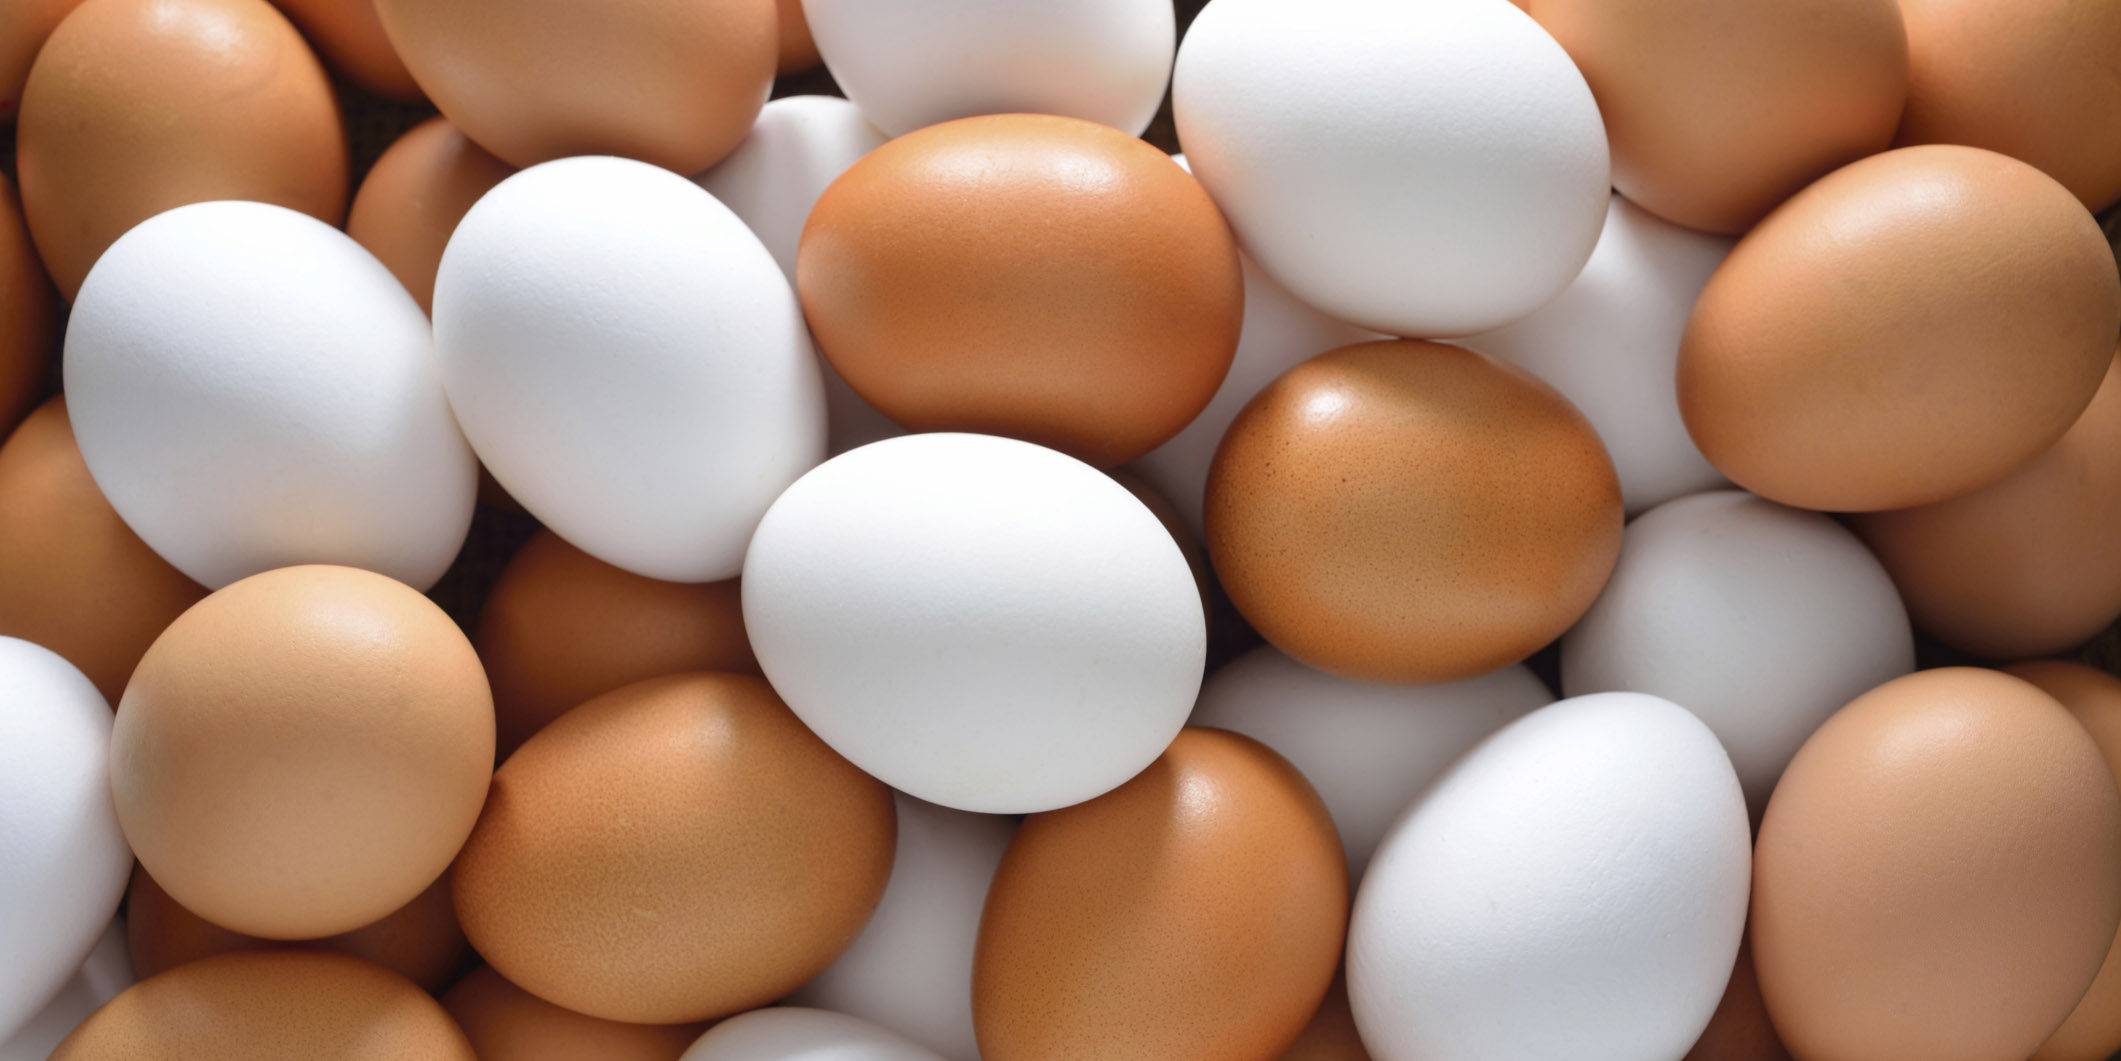 افزایش کیفیت و صادرات، رویکرد جهادکشاورزی در تولید تخم مرغ است